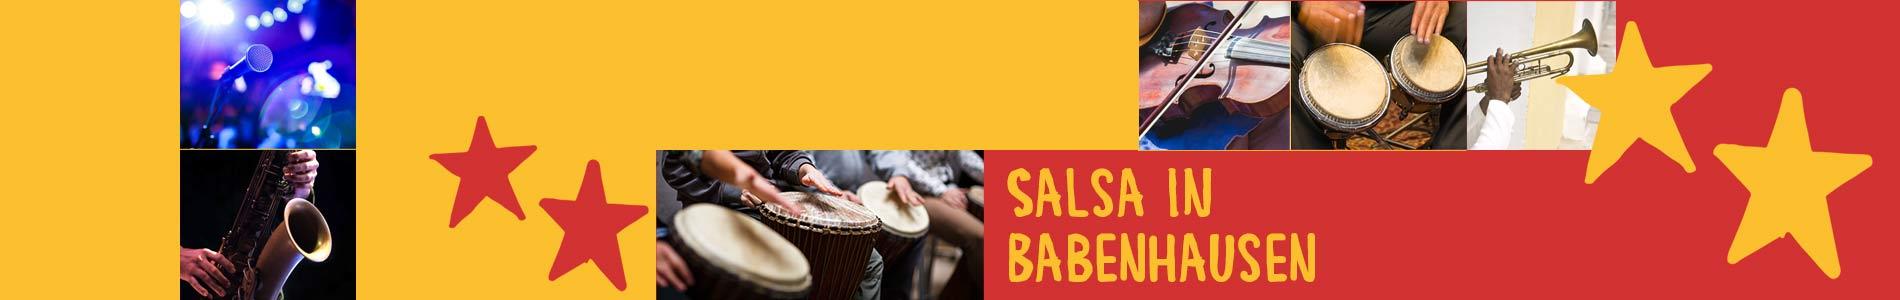 Salsa in Babenhausen – Salsa lernen und tanzen, Tanzkurse, Partys, Veranstaltungen